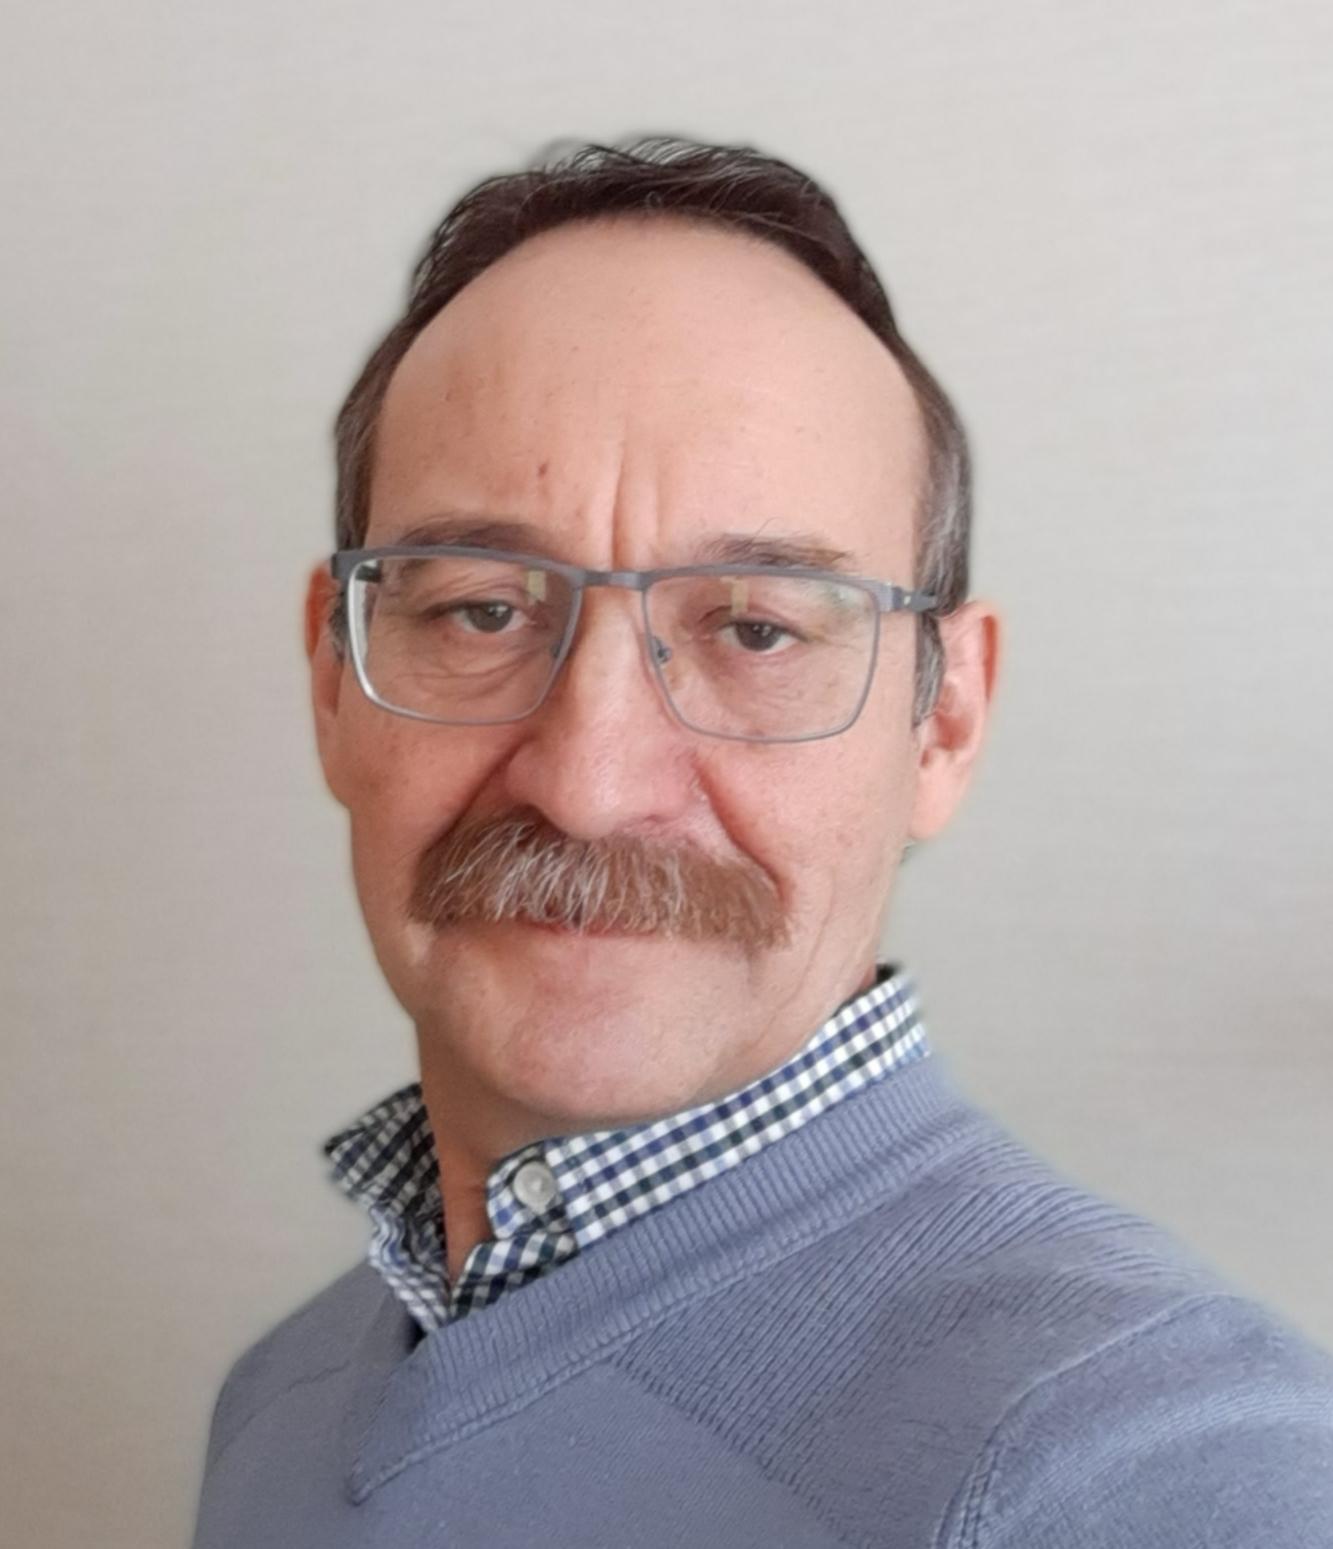 Заведующий лабораторией комплексных проблем гигиены детей и подростковХрамцов Пётр Иванович, д.м.н.,профессор